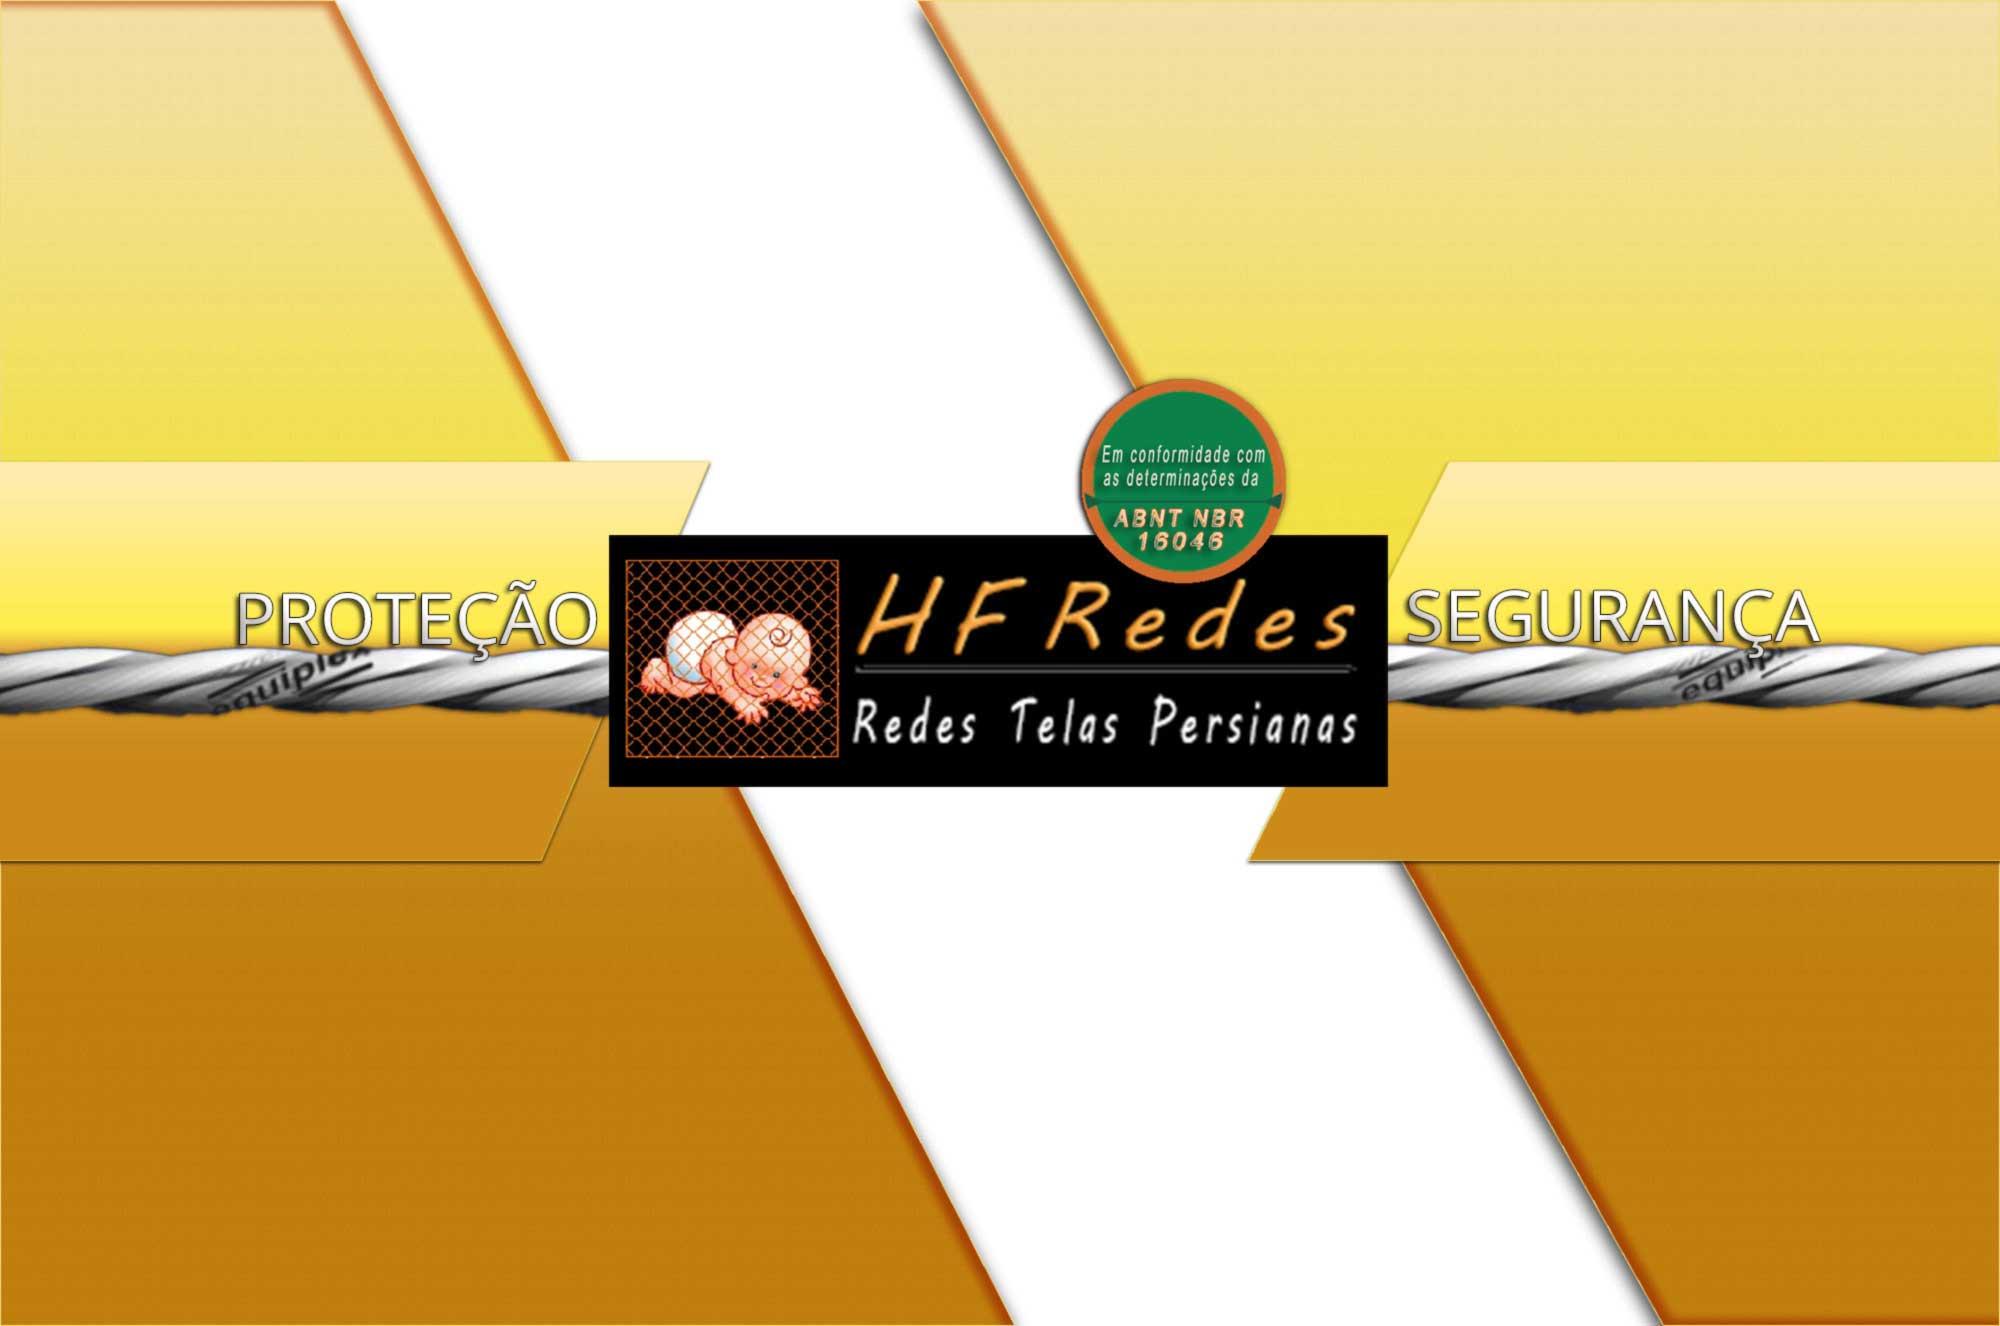 [HF Redes - Instalação de Redes de Proteção, Rede de proteção para janelas, Telas de Proteção, Telas mosquiteiras, Tela para janela]